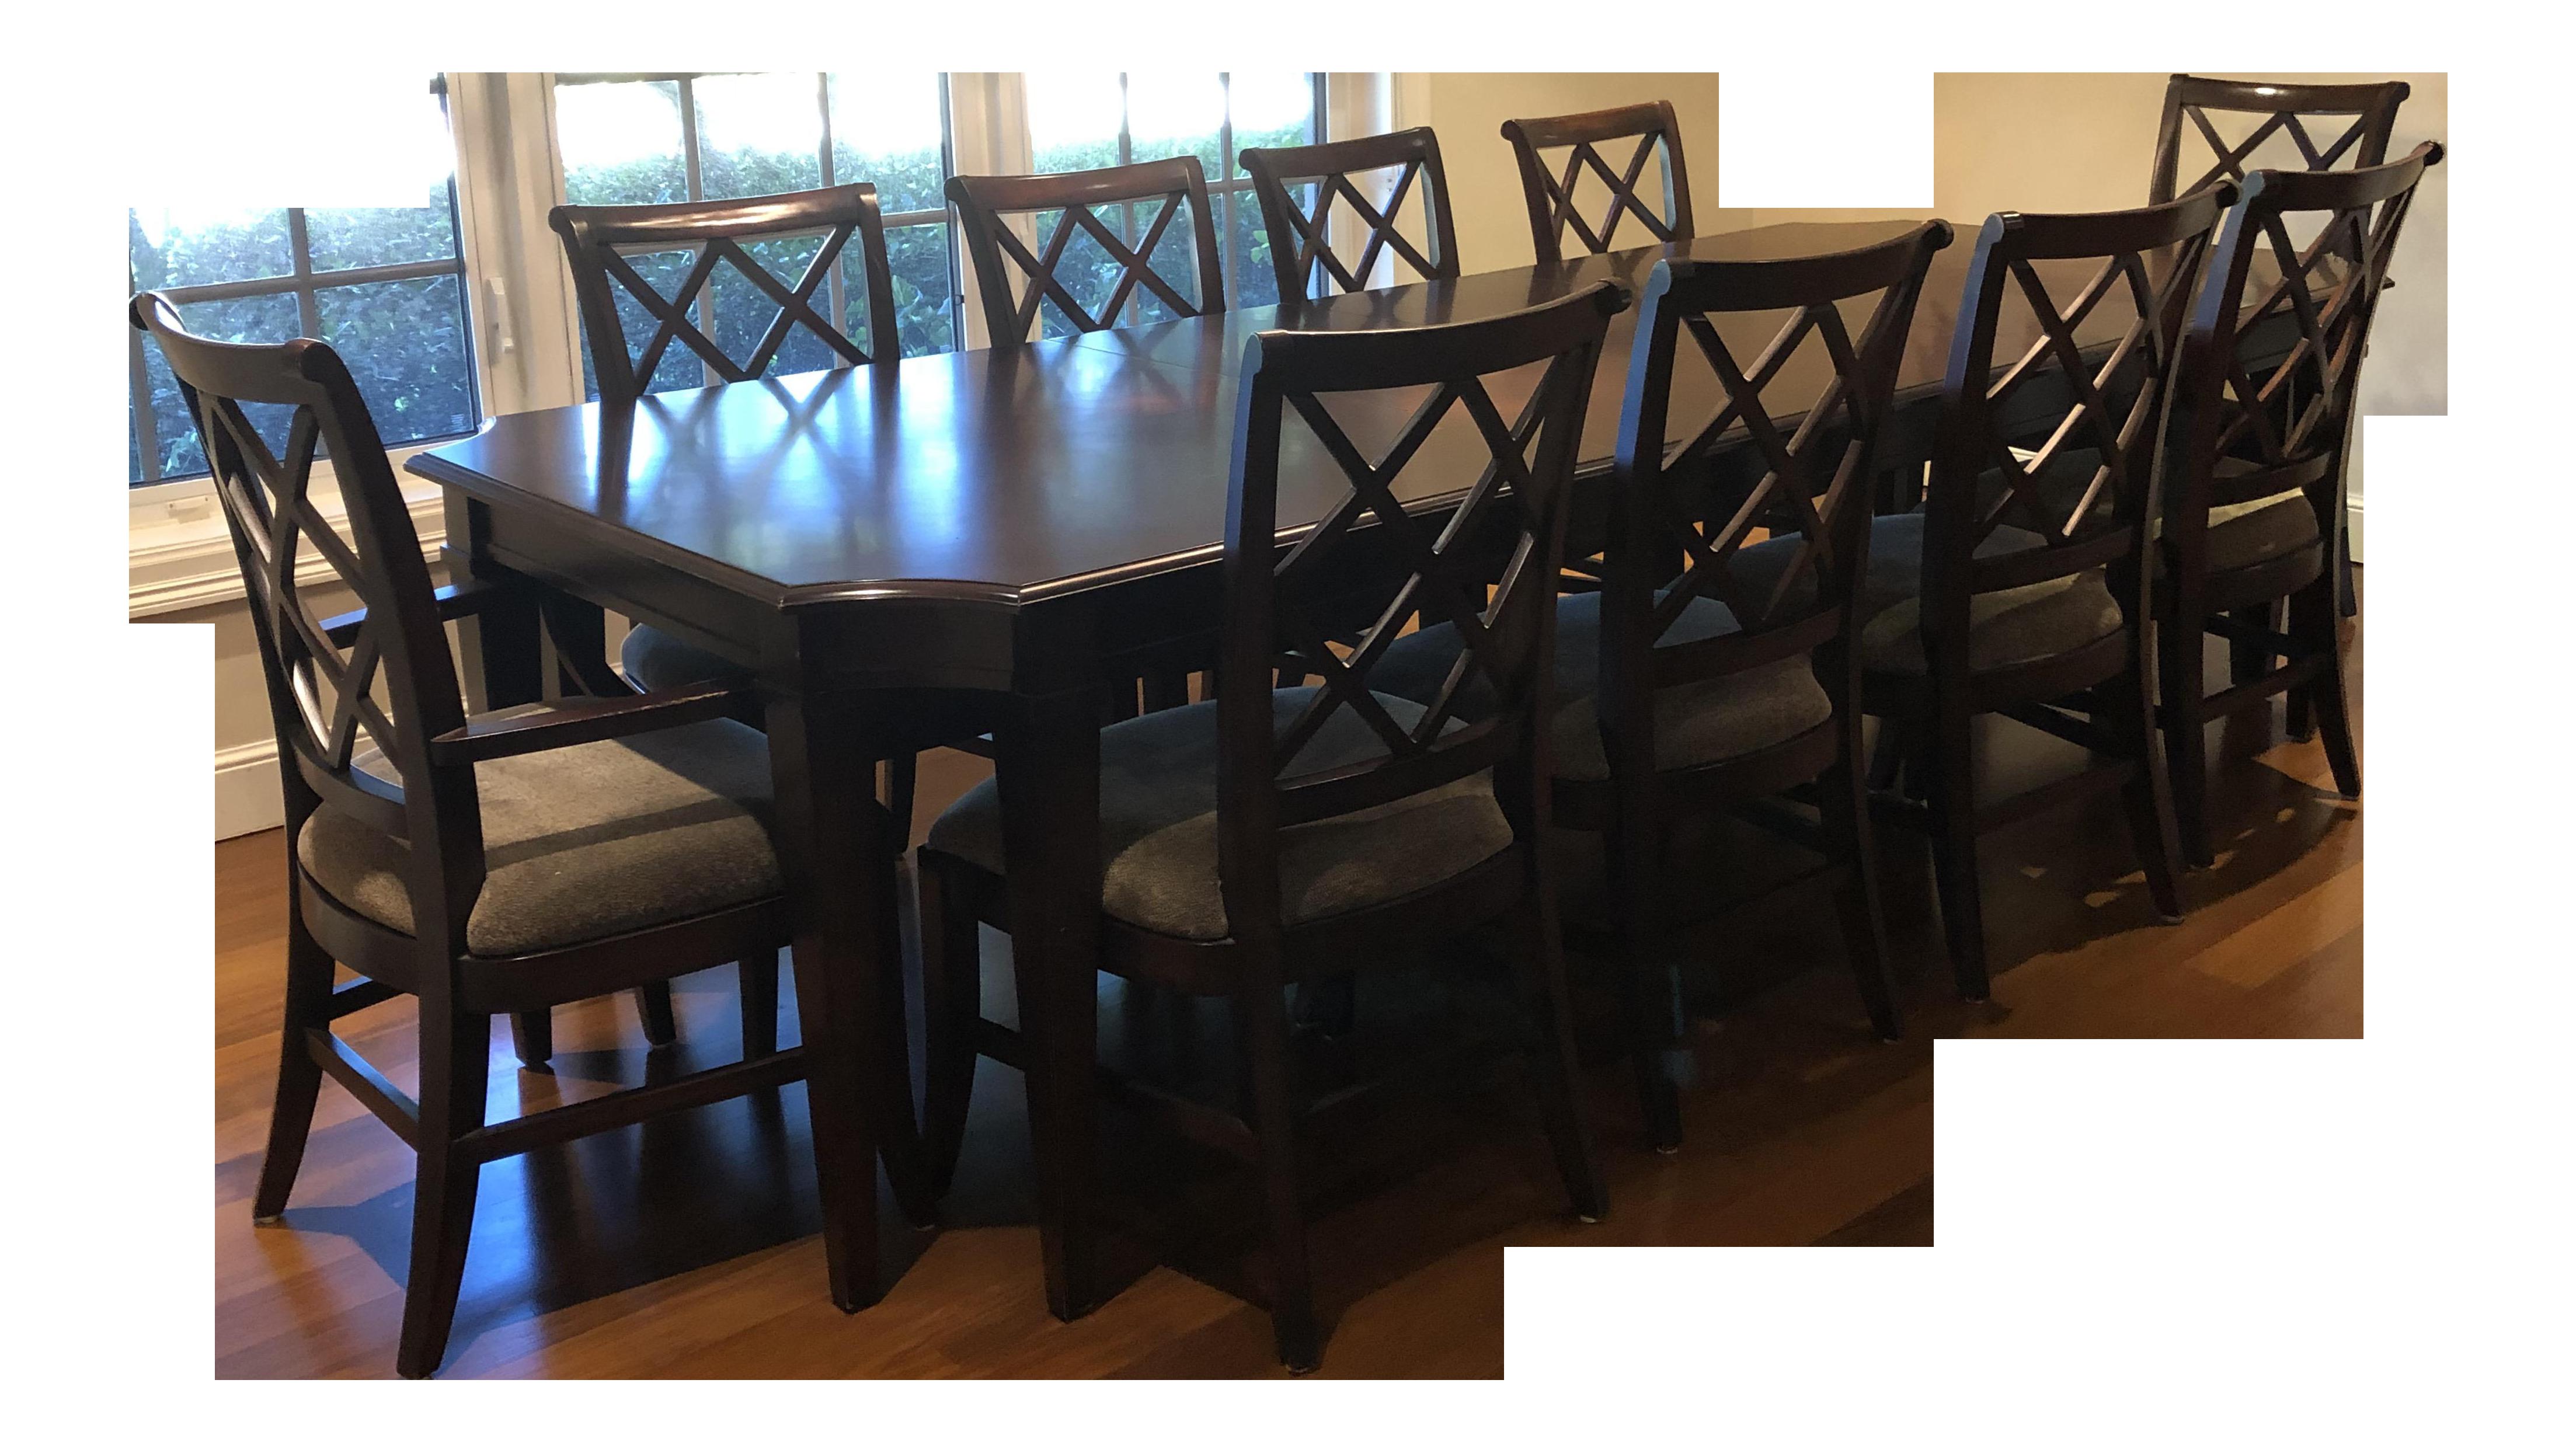 Transitional Lane Furniture Dining Set   11 Pieces